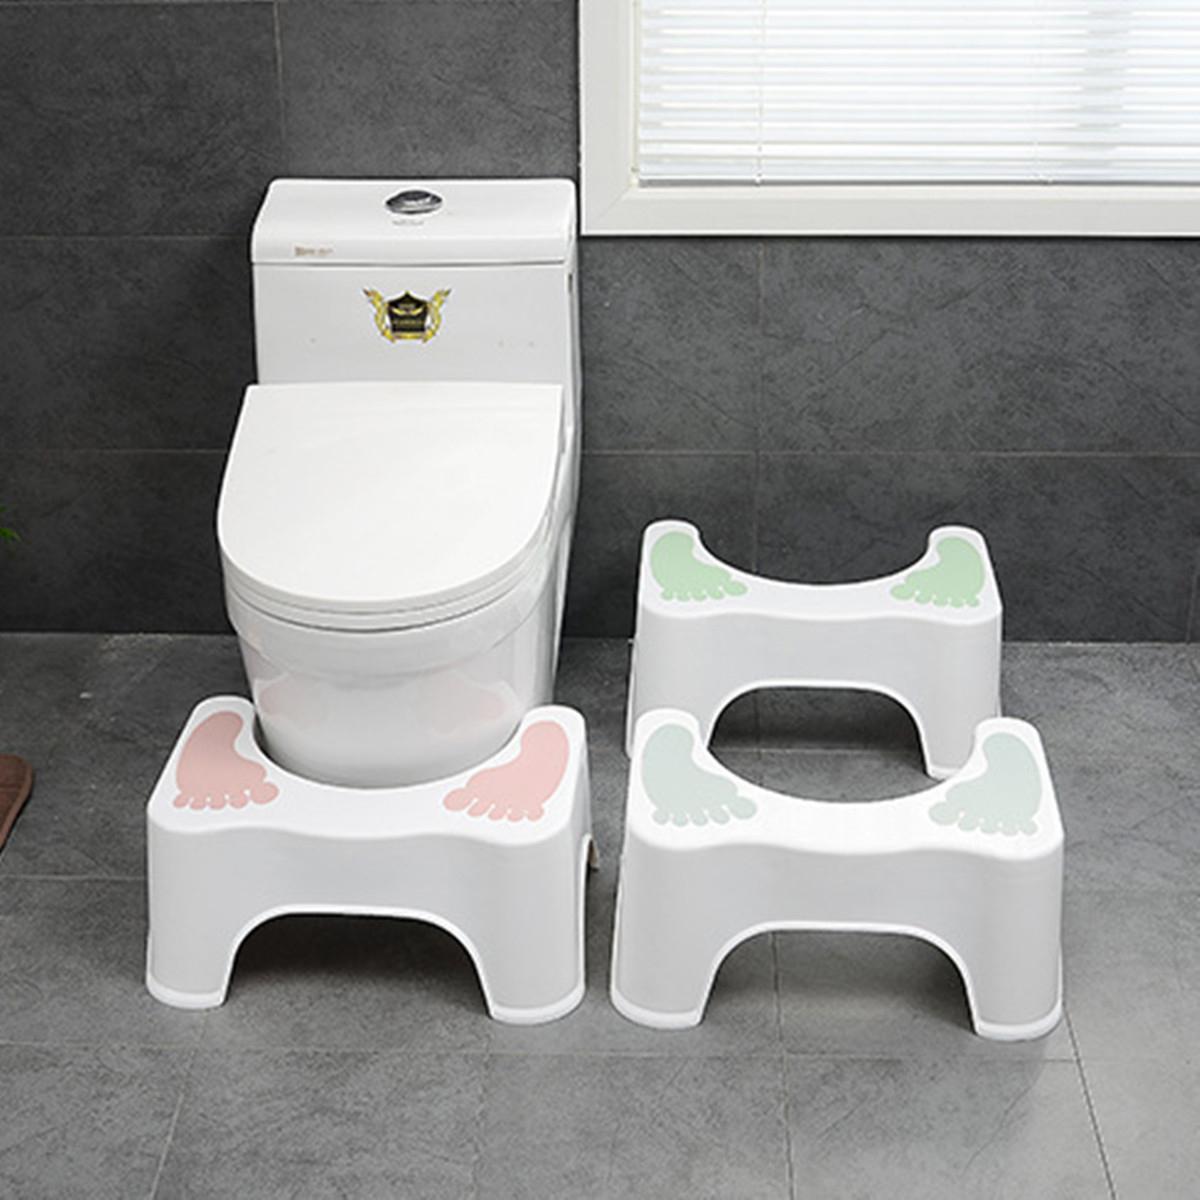 Tabouret Marchepied Toilette Wc Réhausseur Renforcé Mignon avec Rehausseur Toilette Adulte